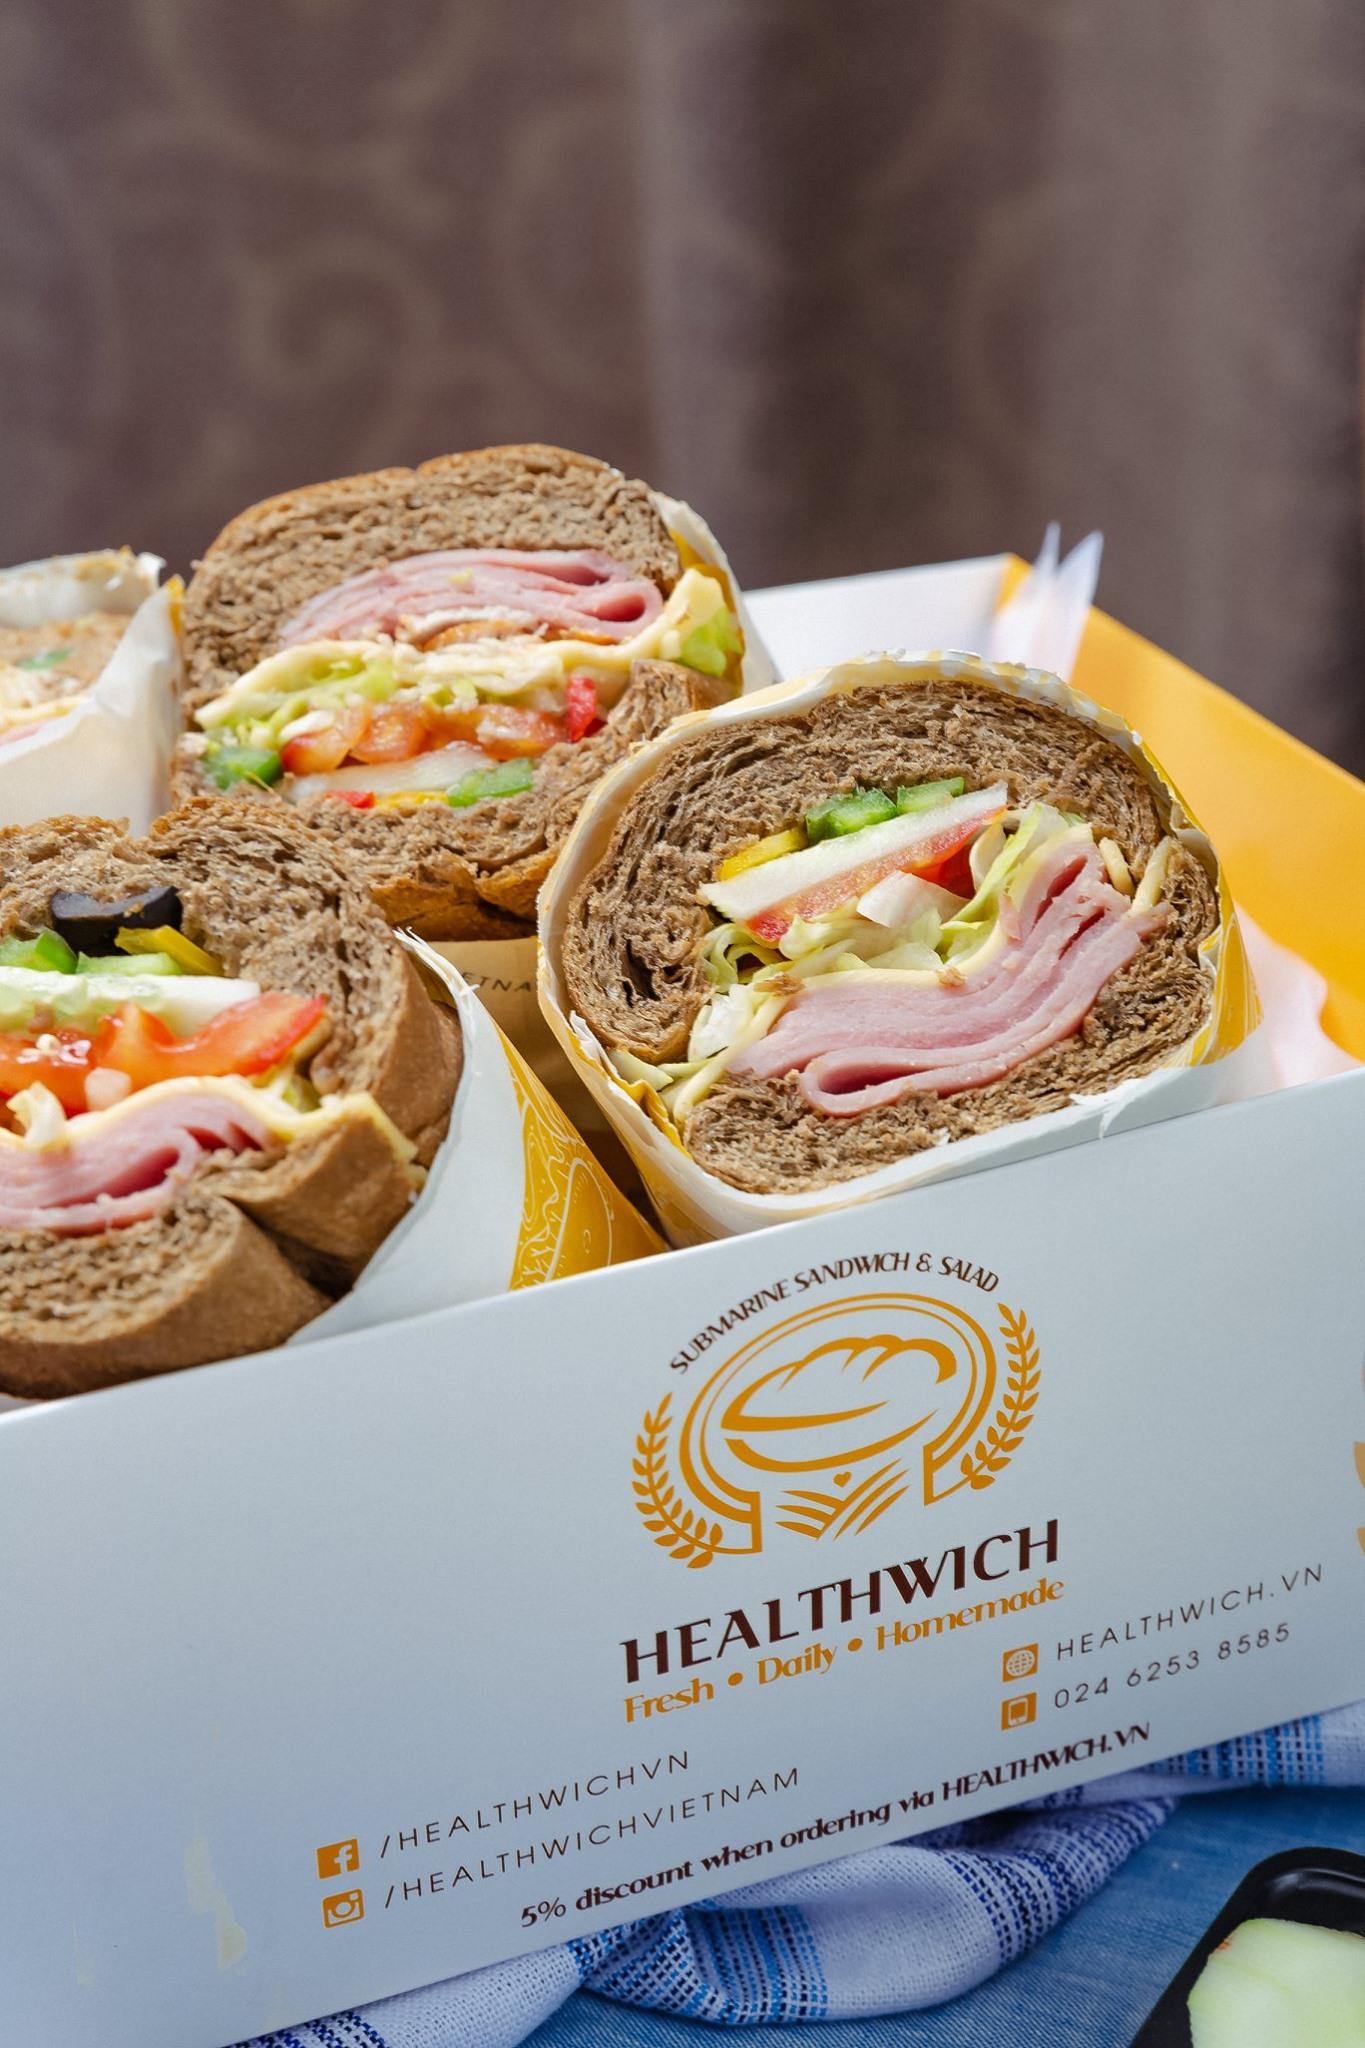 healthwich sang ngoc van